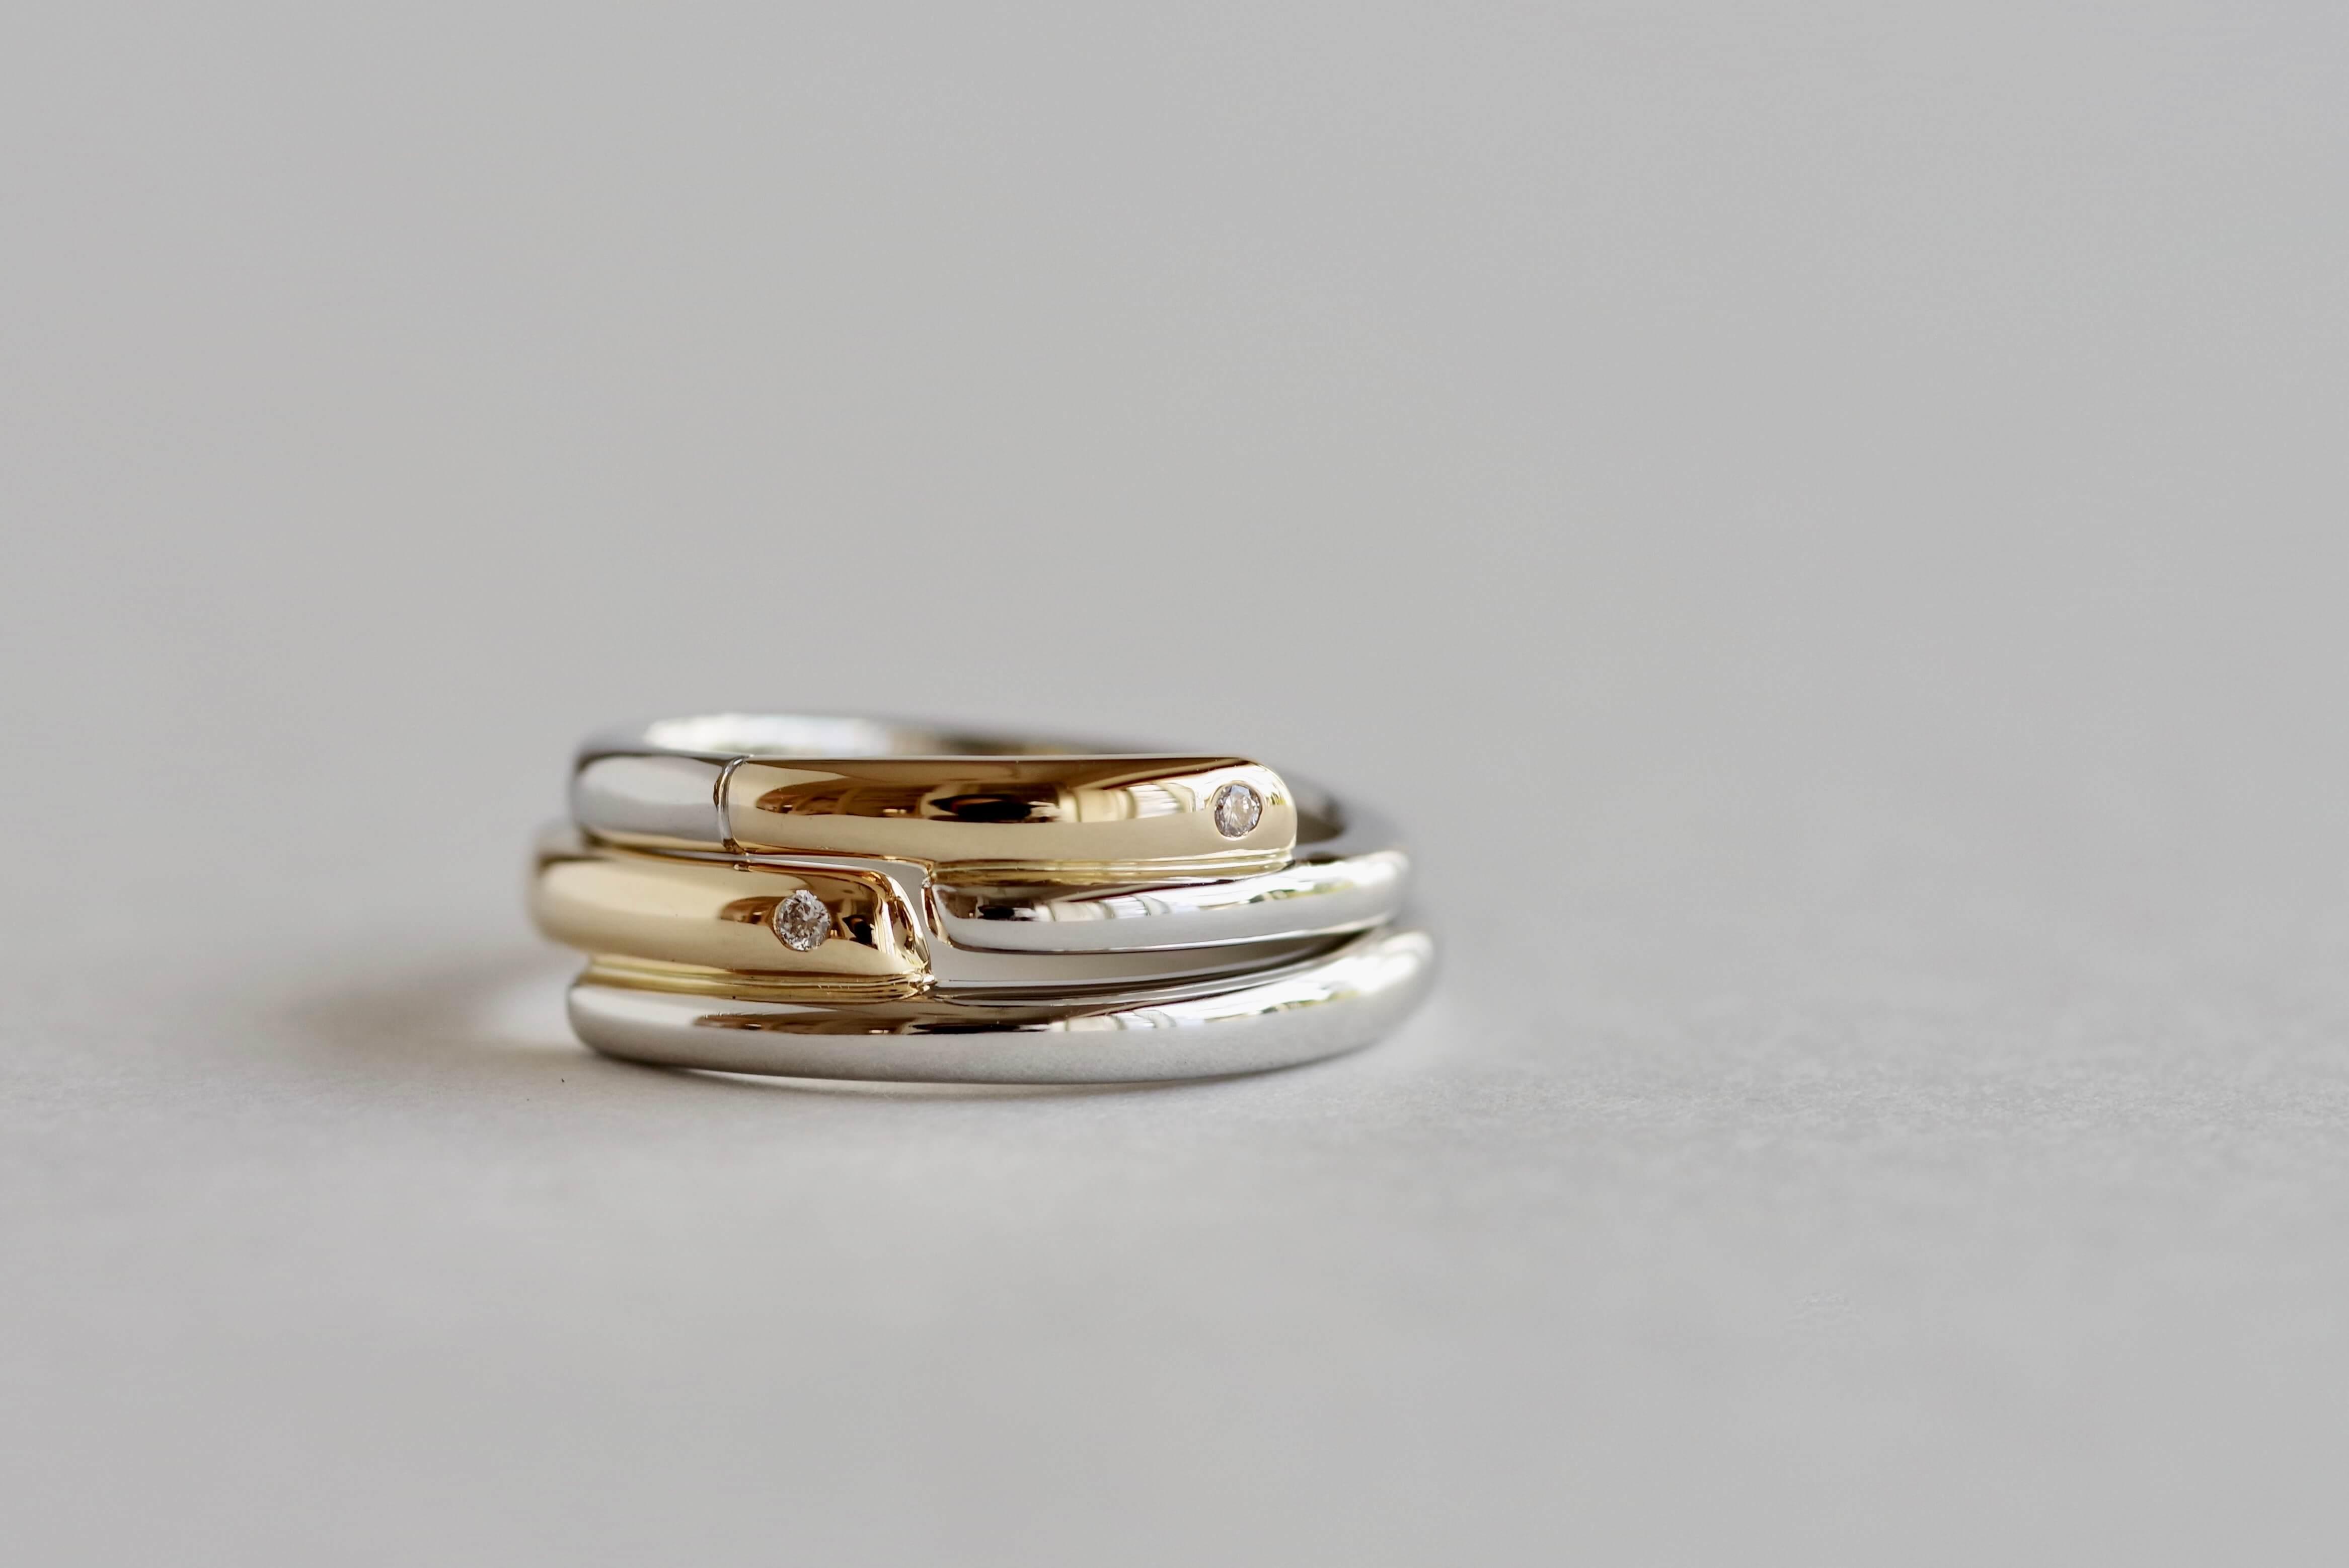 結婚指輪 オーダーメイド 魔法のステッキ